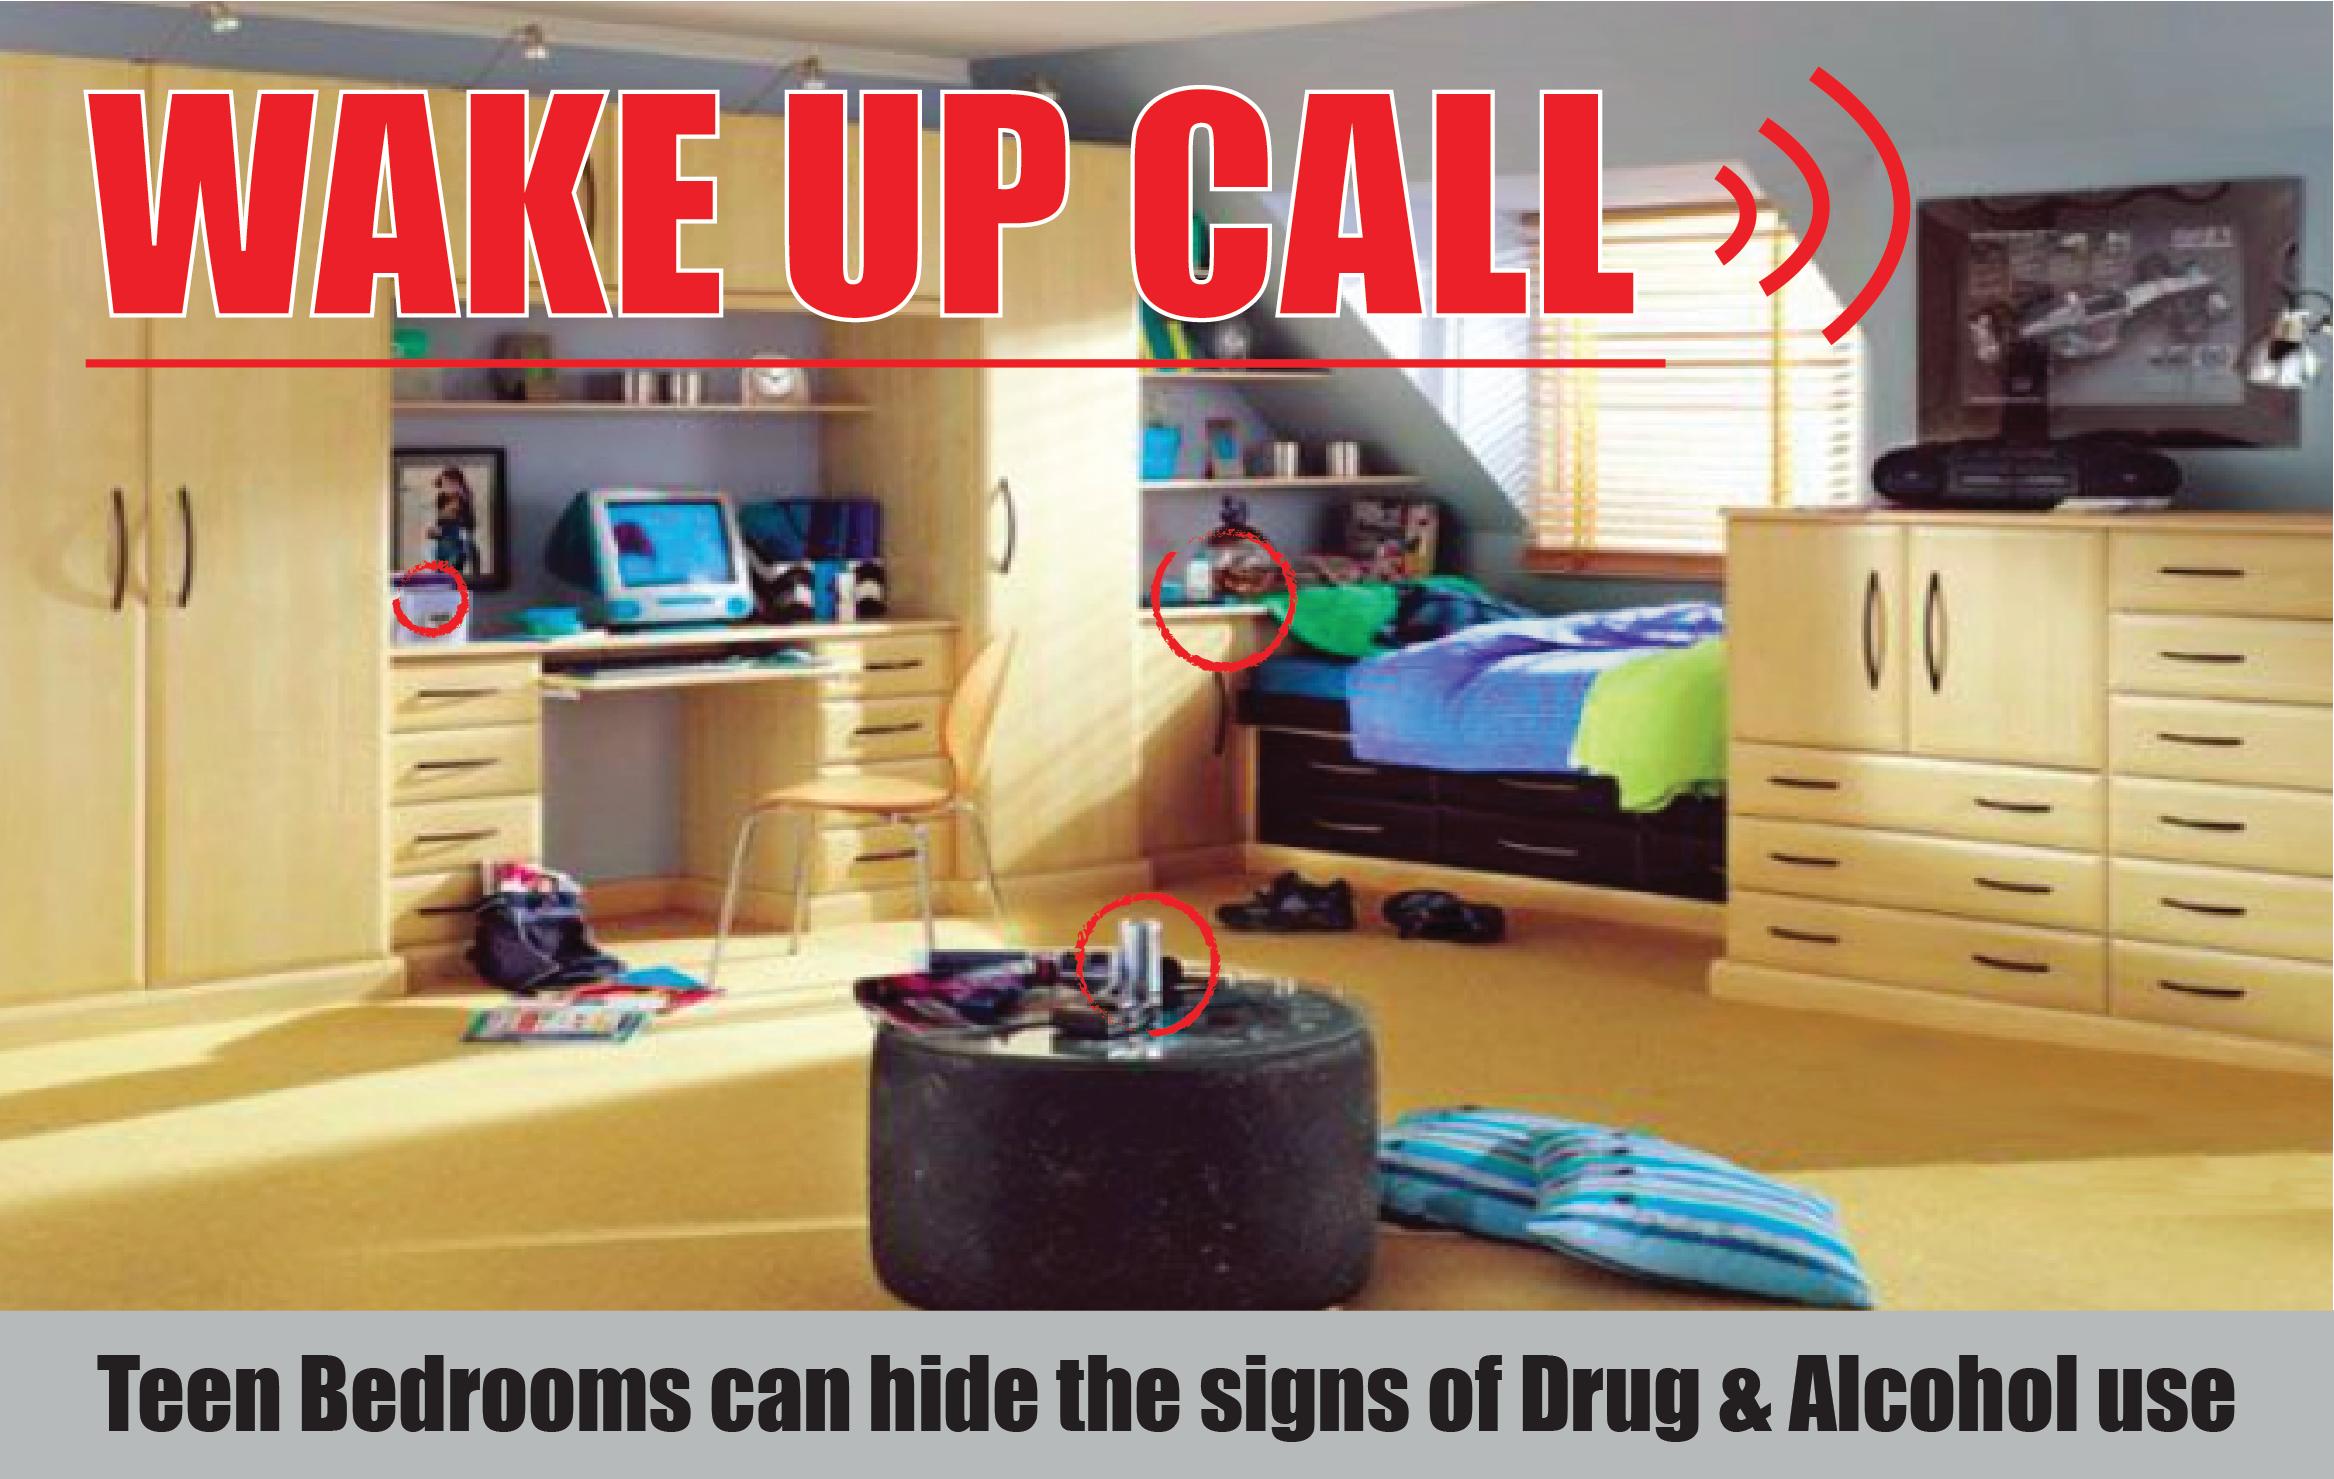 Wake Up Call Image_2017.png